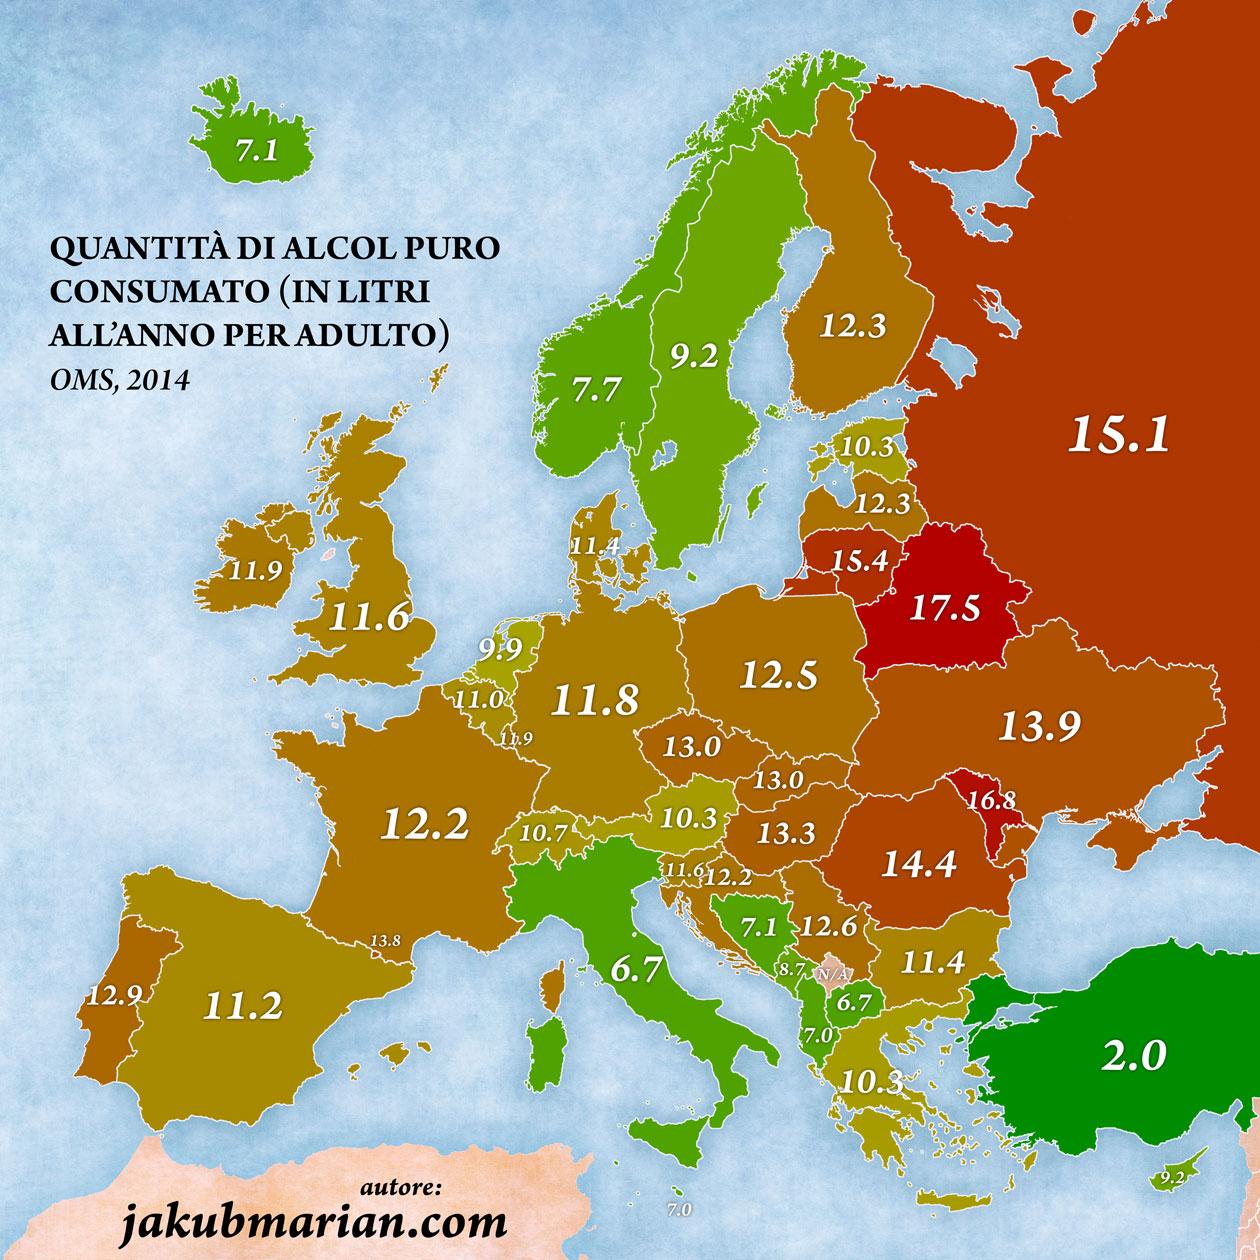 dove si beve di più, mappa dell'Europa